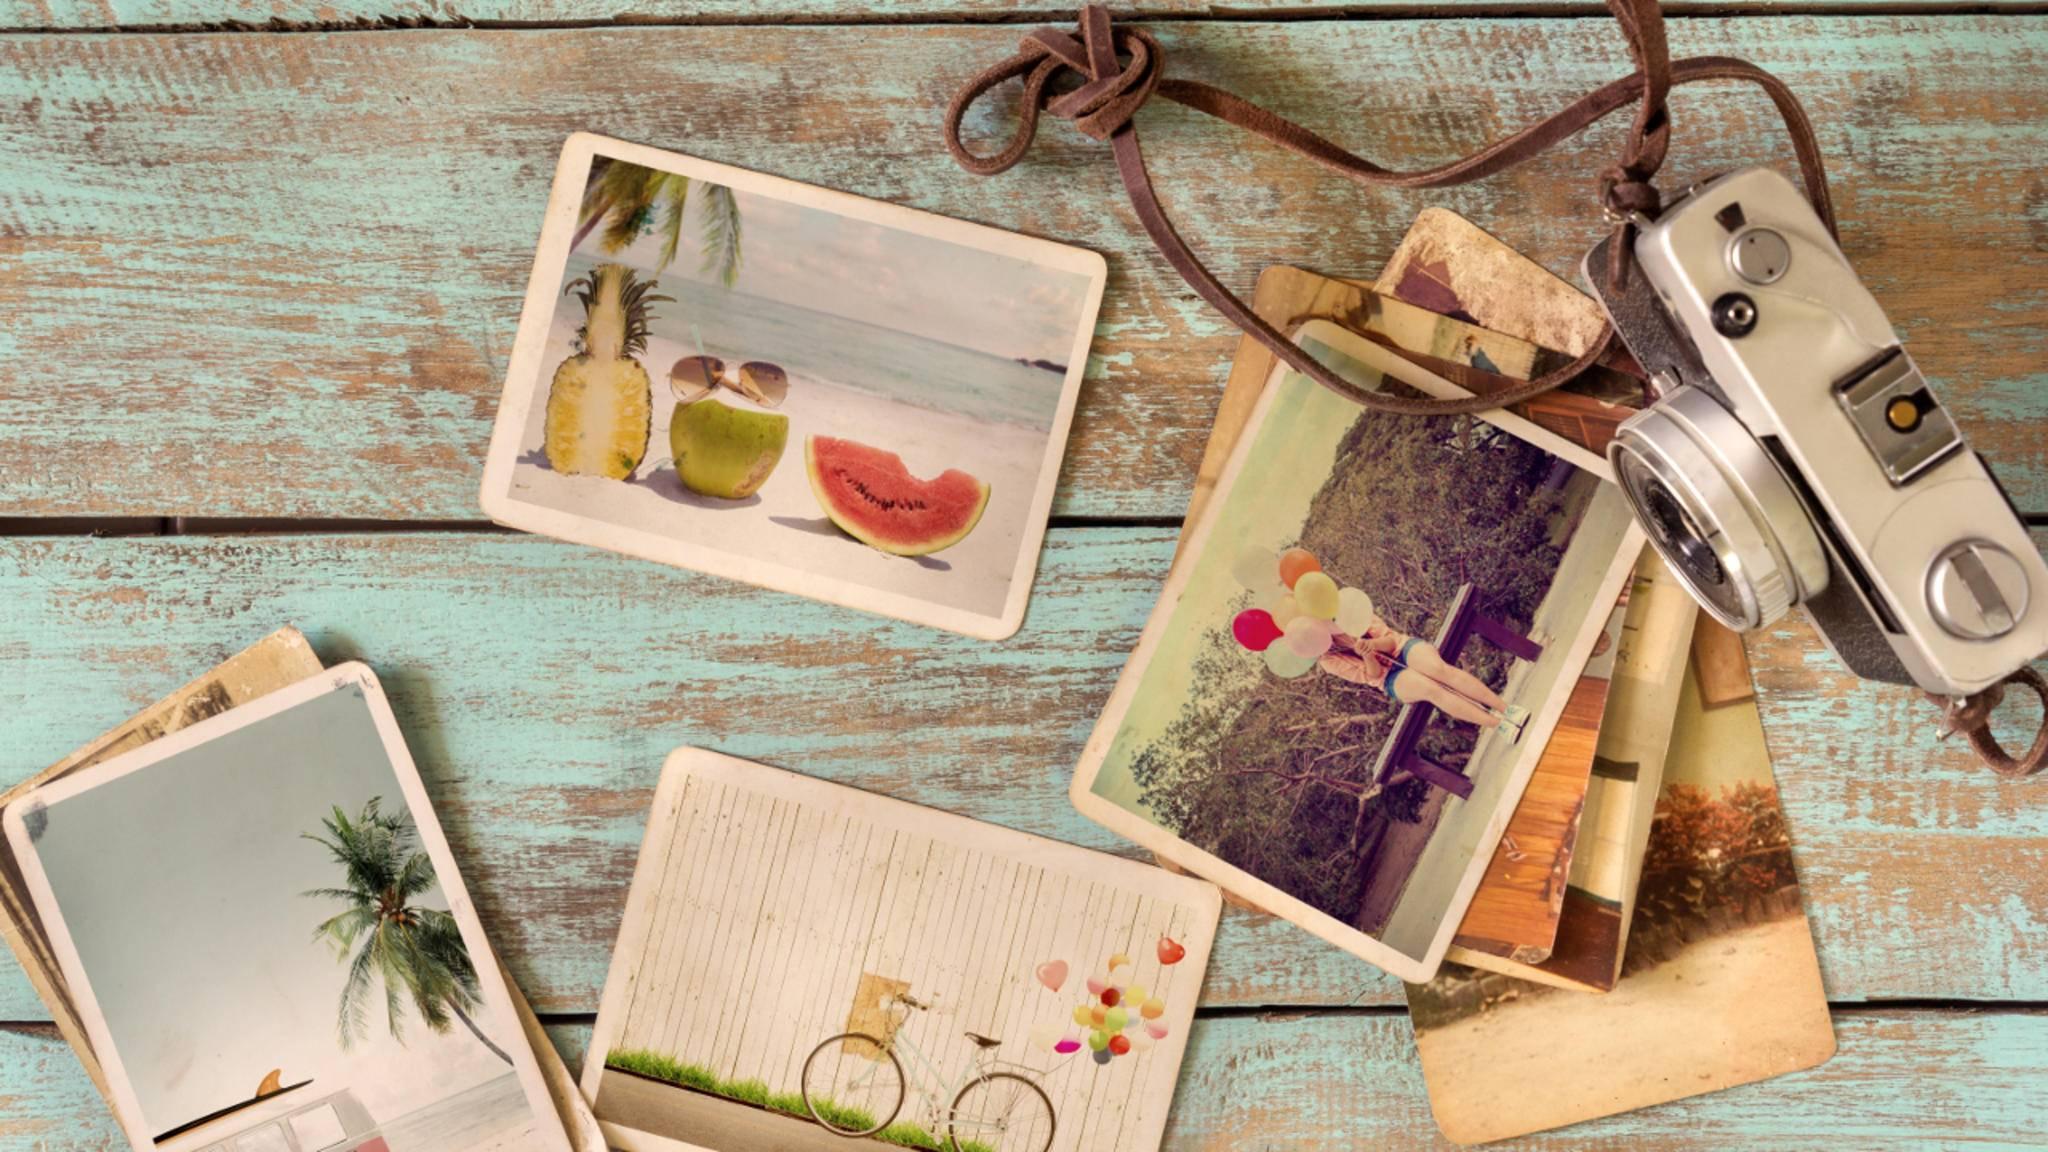 Du willst Instagram-Fotos in schicker Polaroid-Optik? Wir sagen, wie das funktioniert.